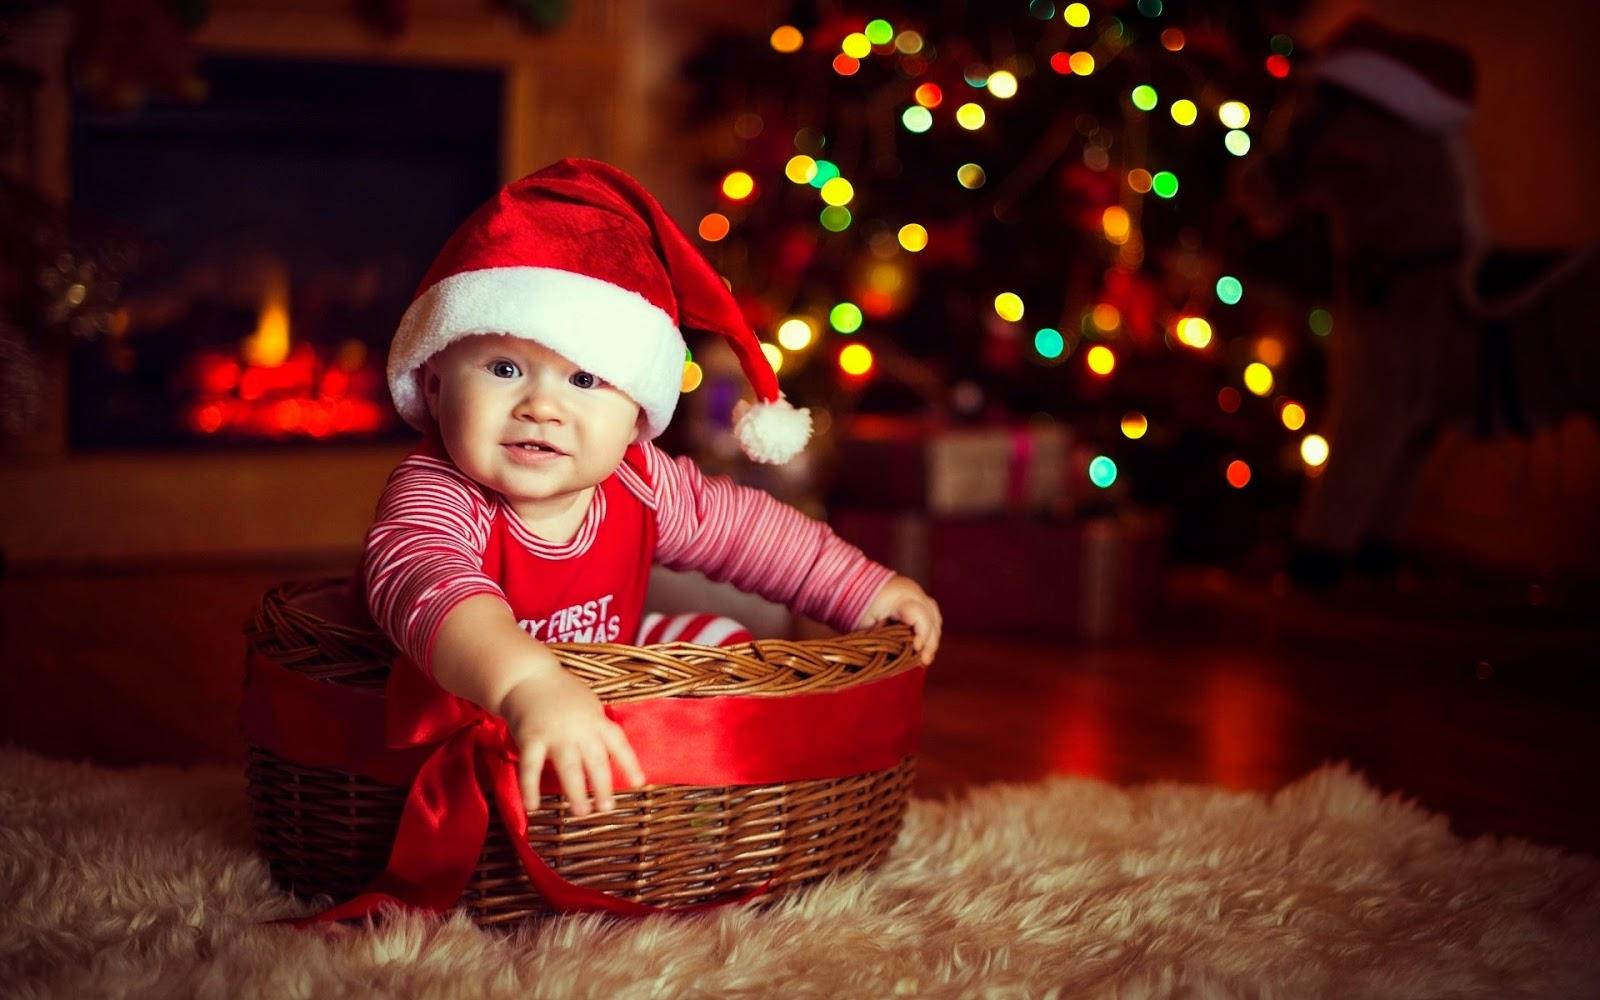 Download foto lucu bayi merayakan hari natal